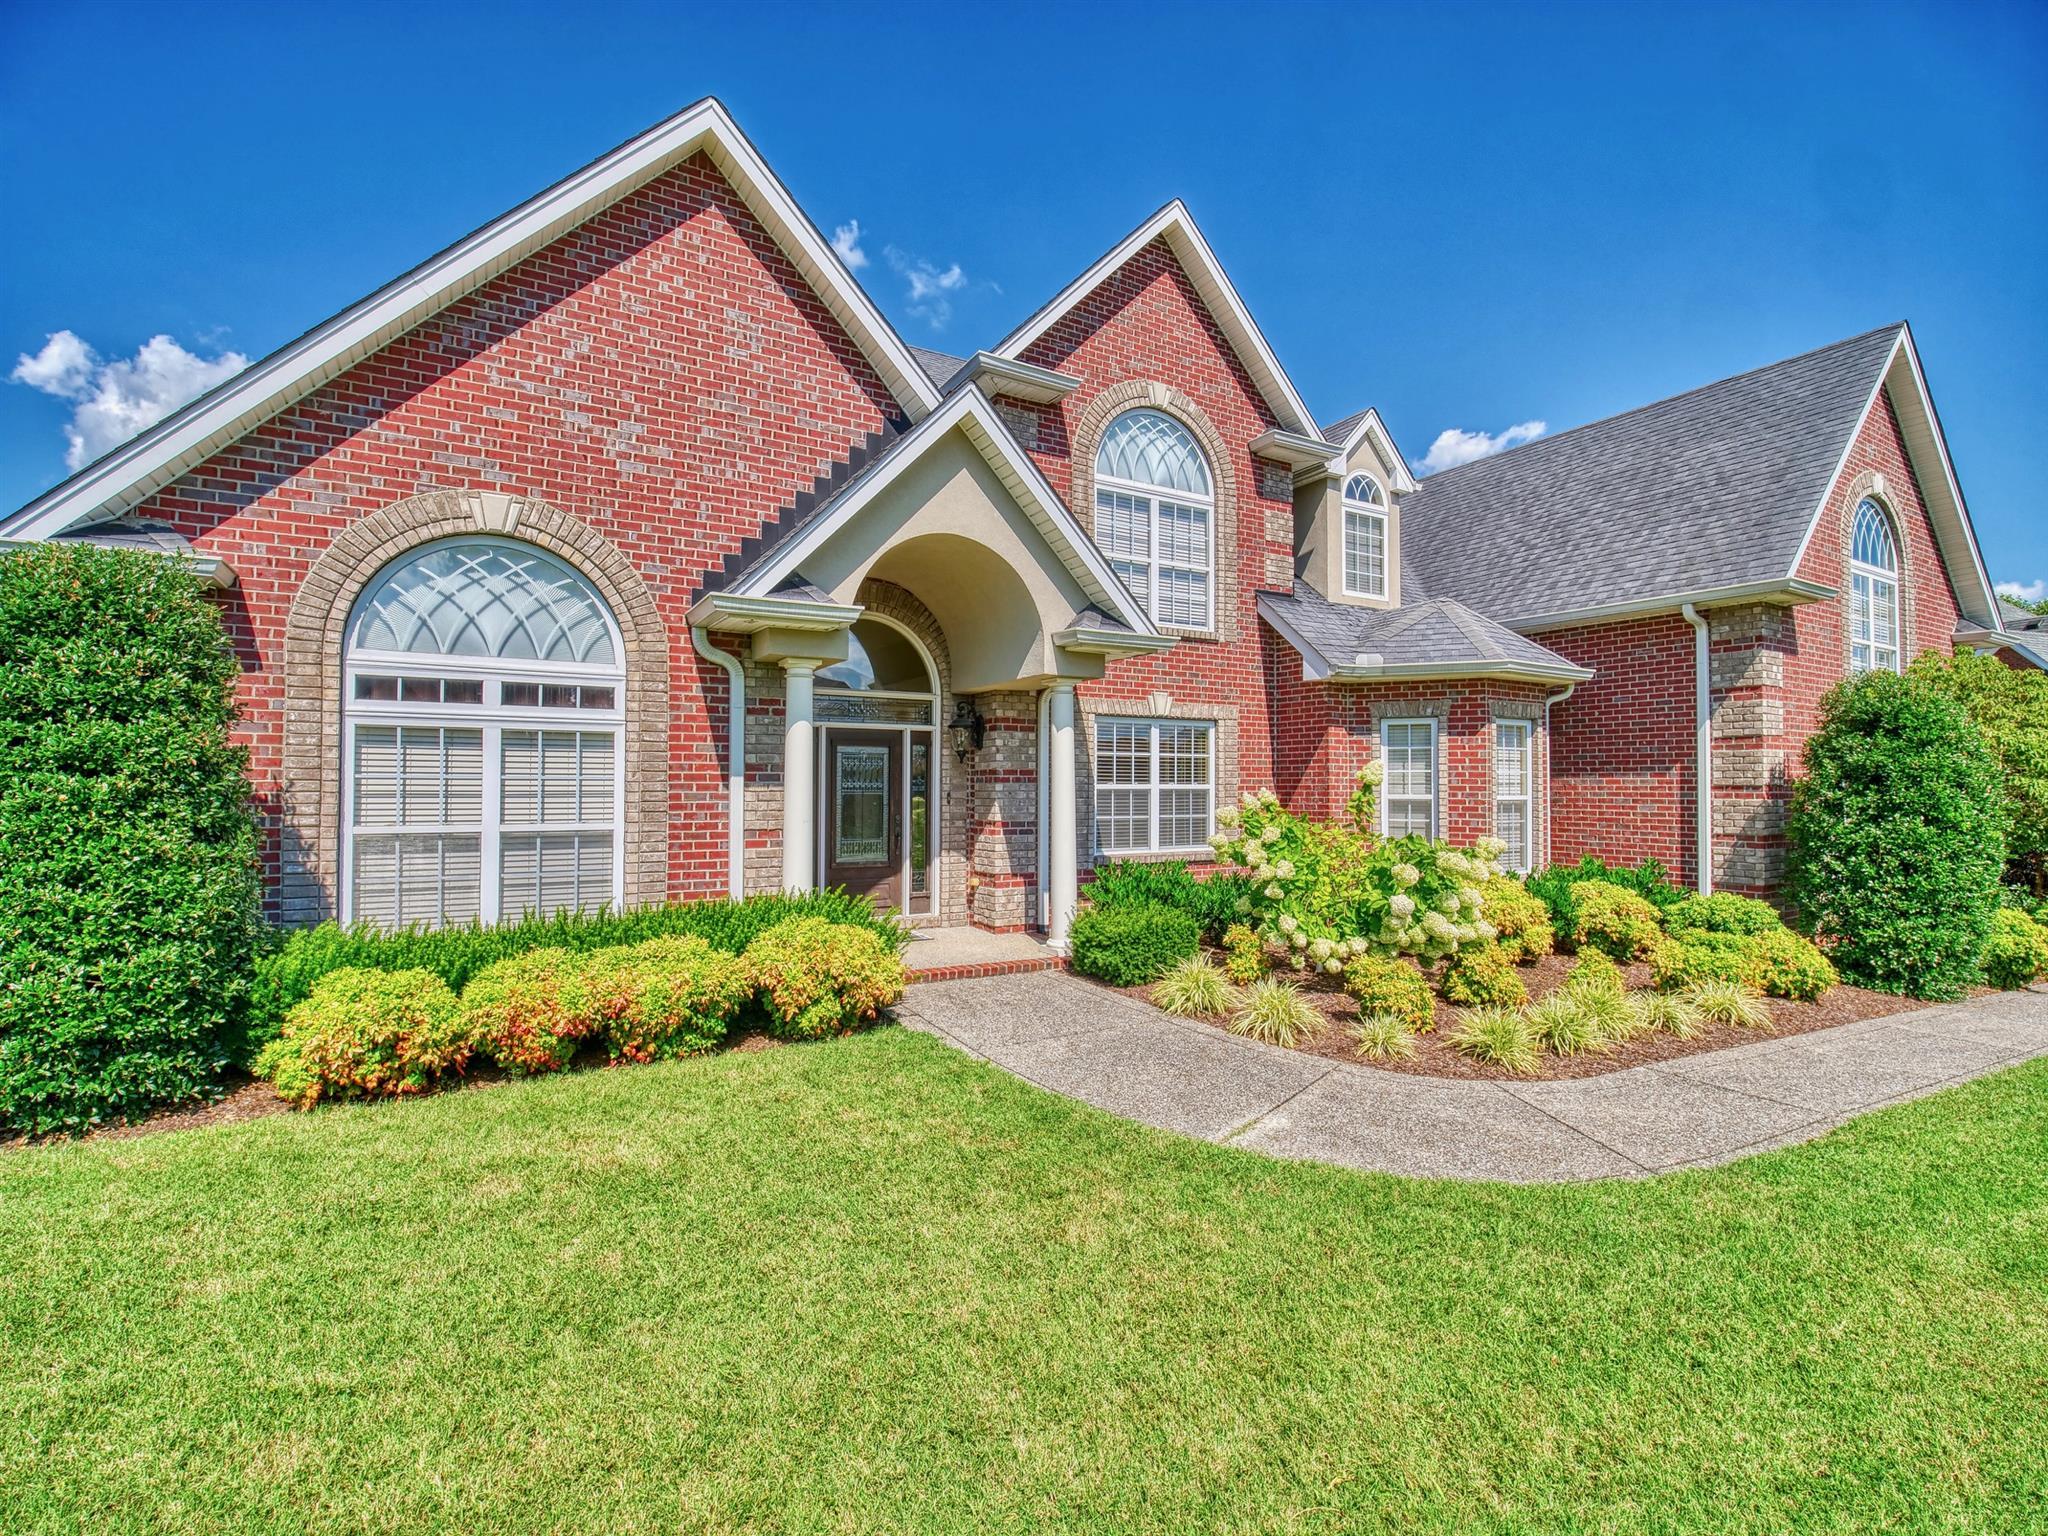 1064 Dorset Dr, Hendersonville, TN 37075 - Hendersonville, TN real estate listing